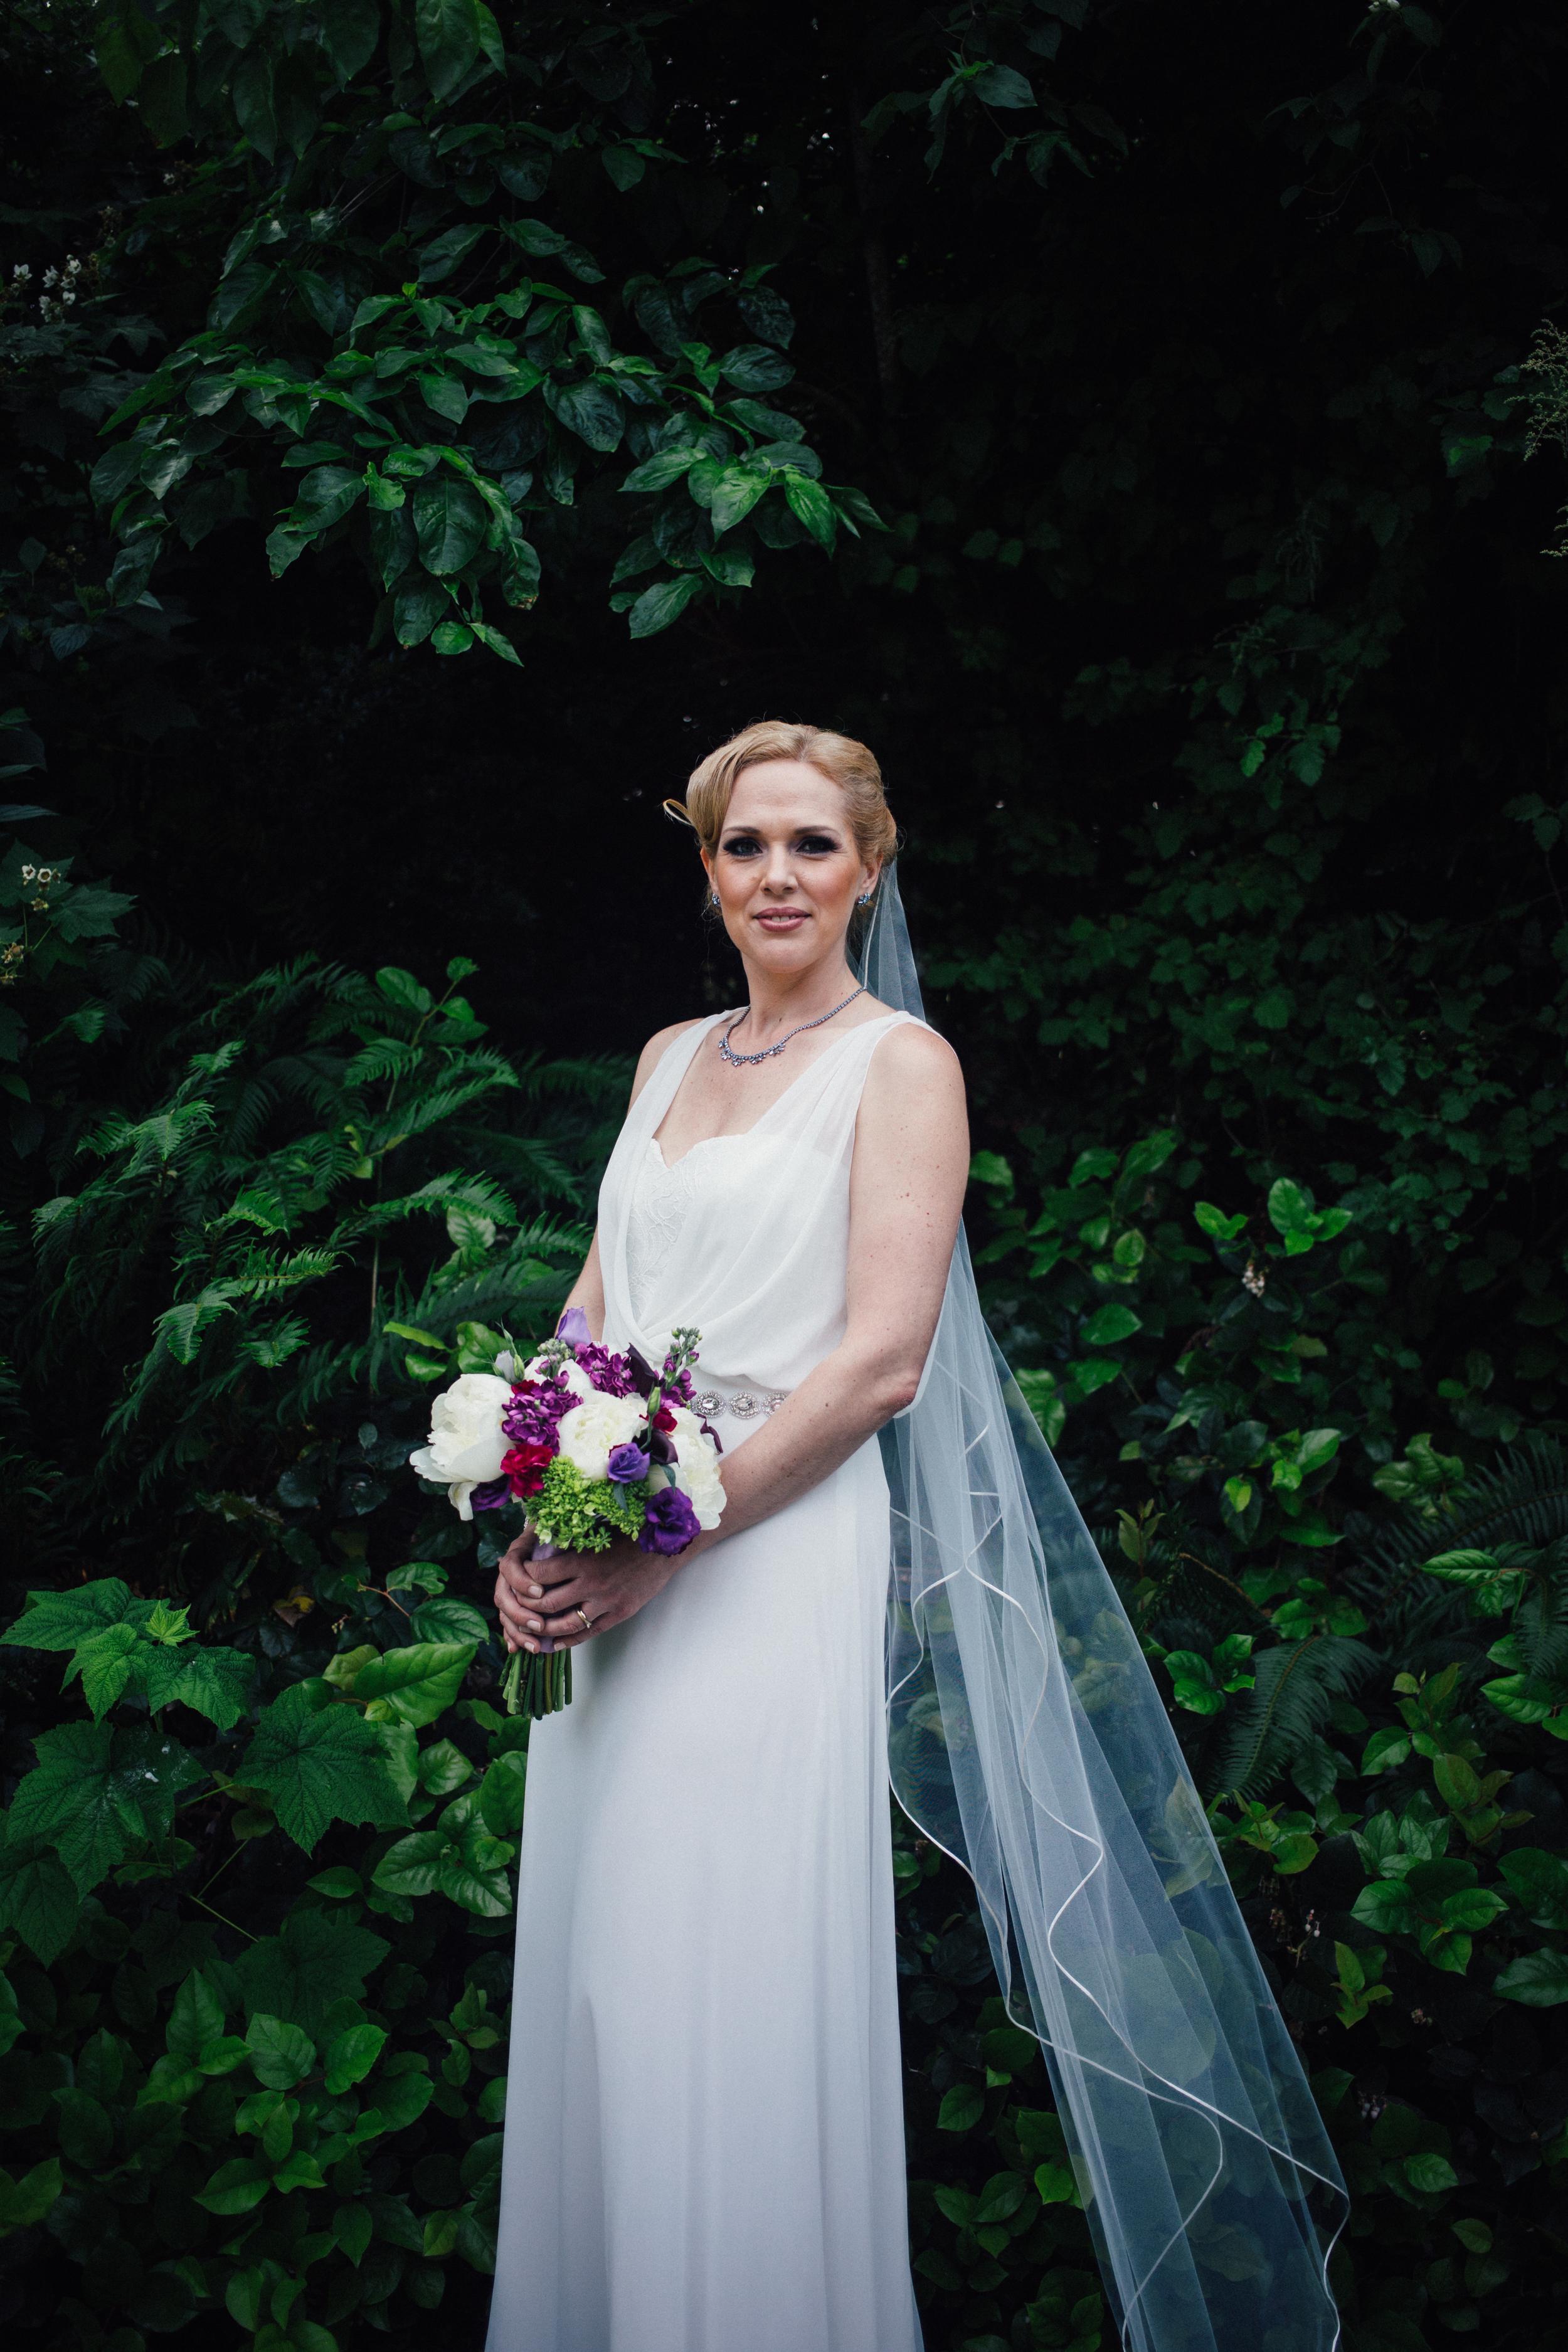 dogwoodphotography_photographer_vancouver_wedding_kimberley (101 of 180).jpg